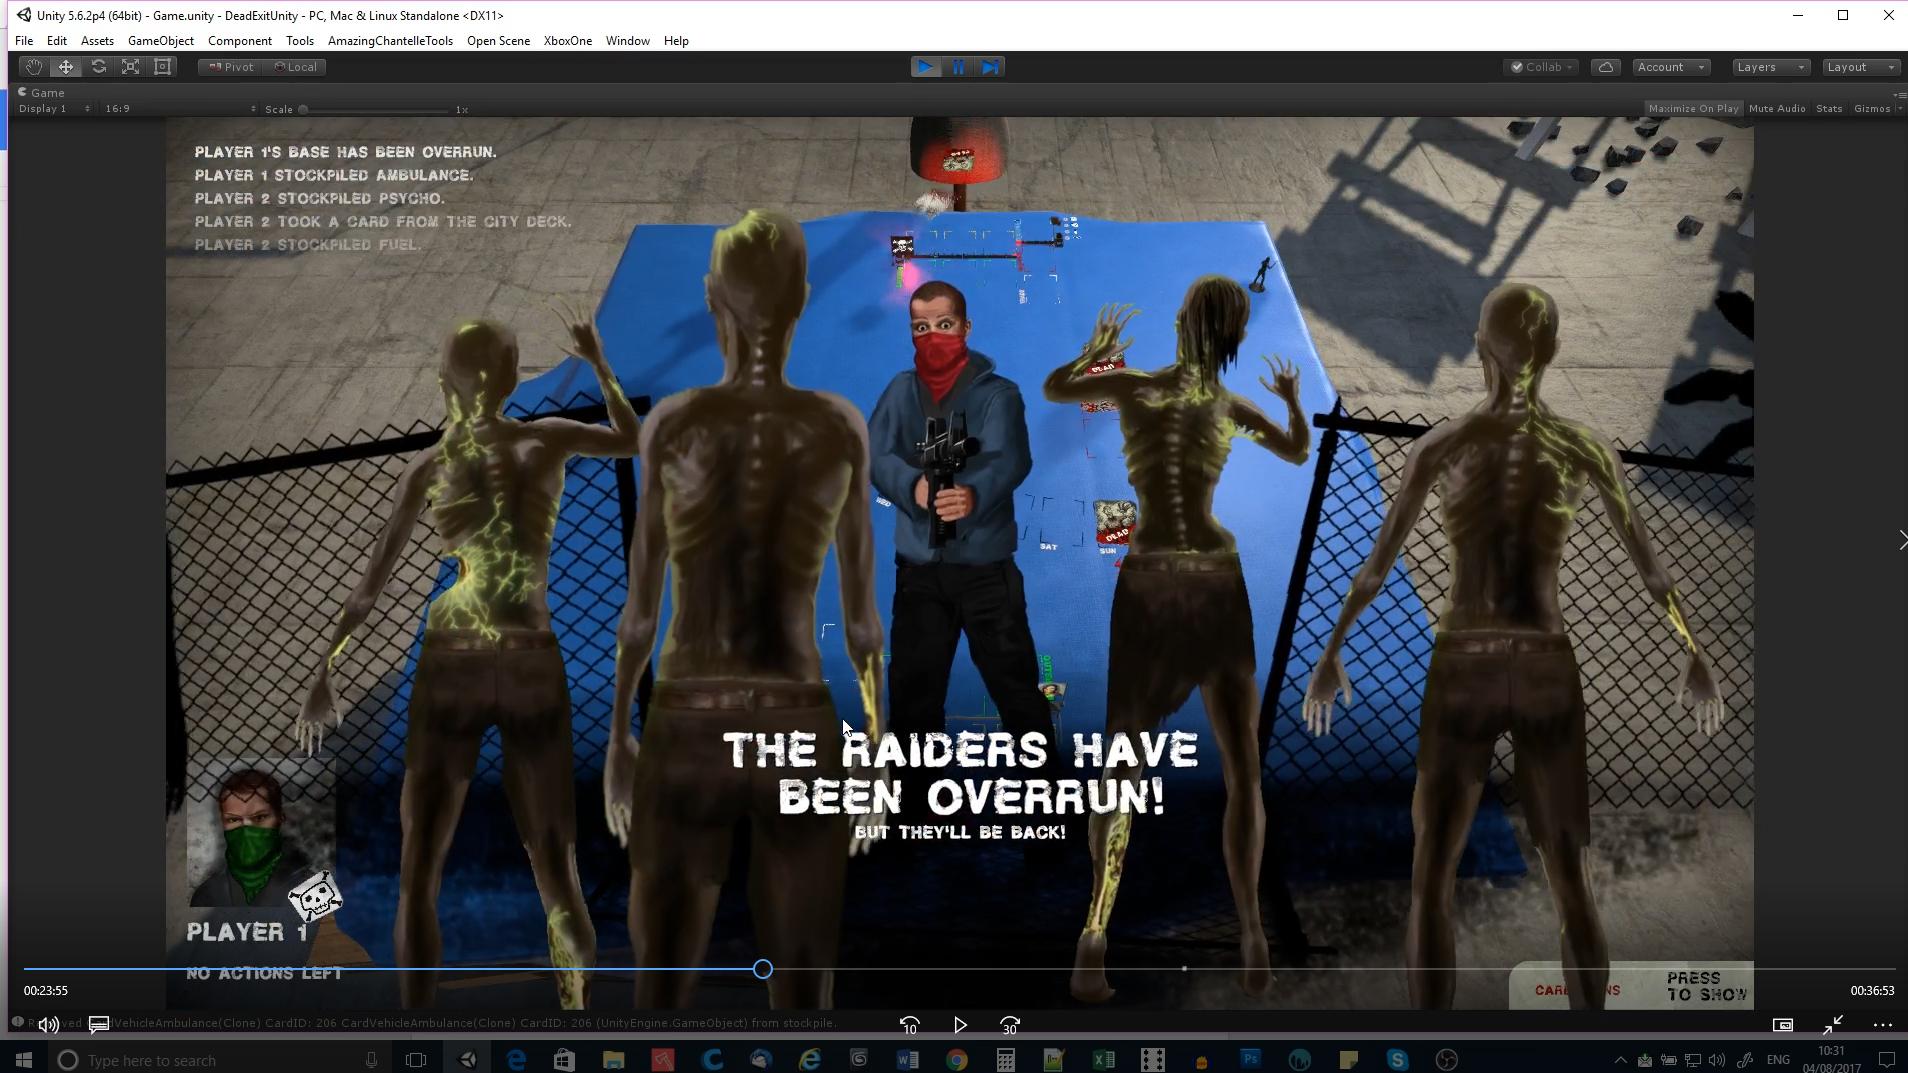 DeadOverrunTheirBase